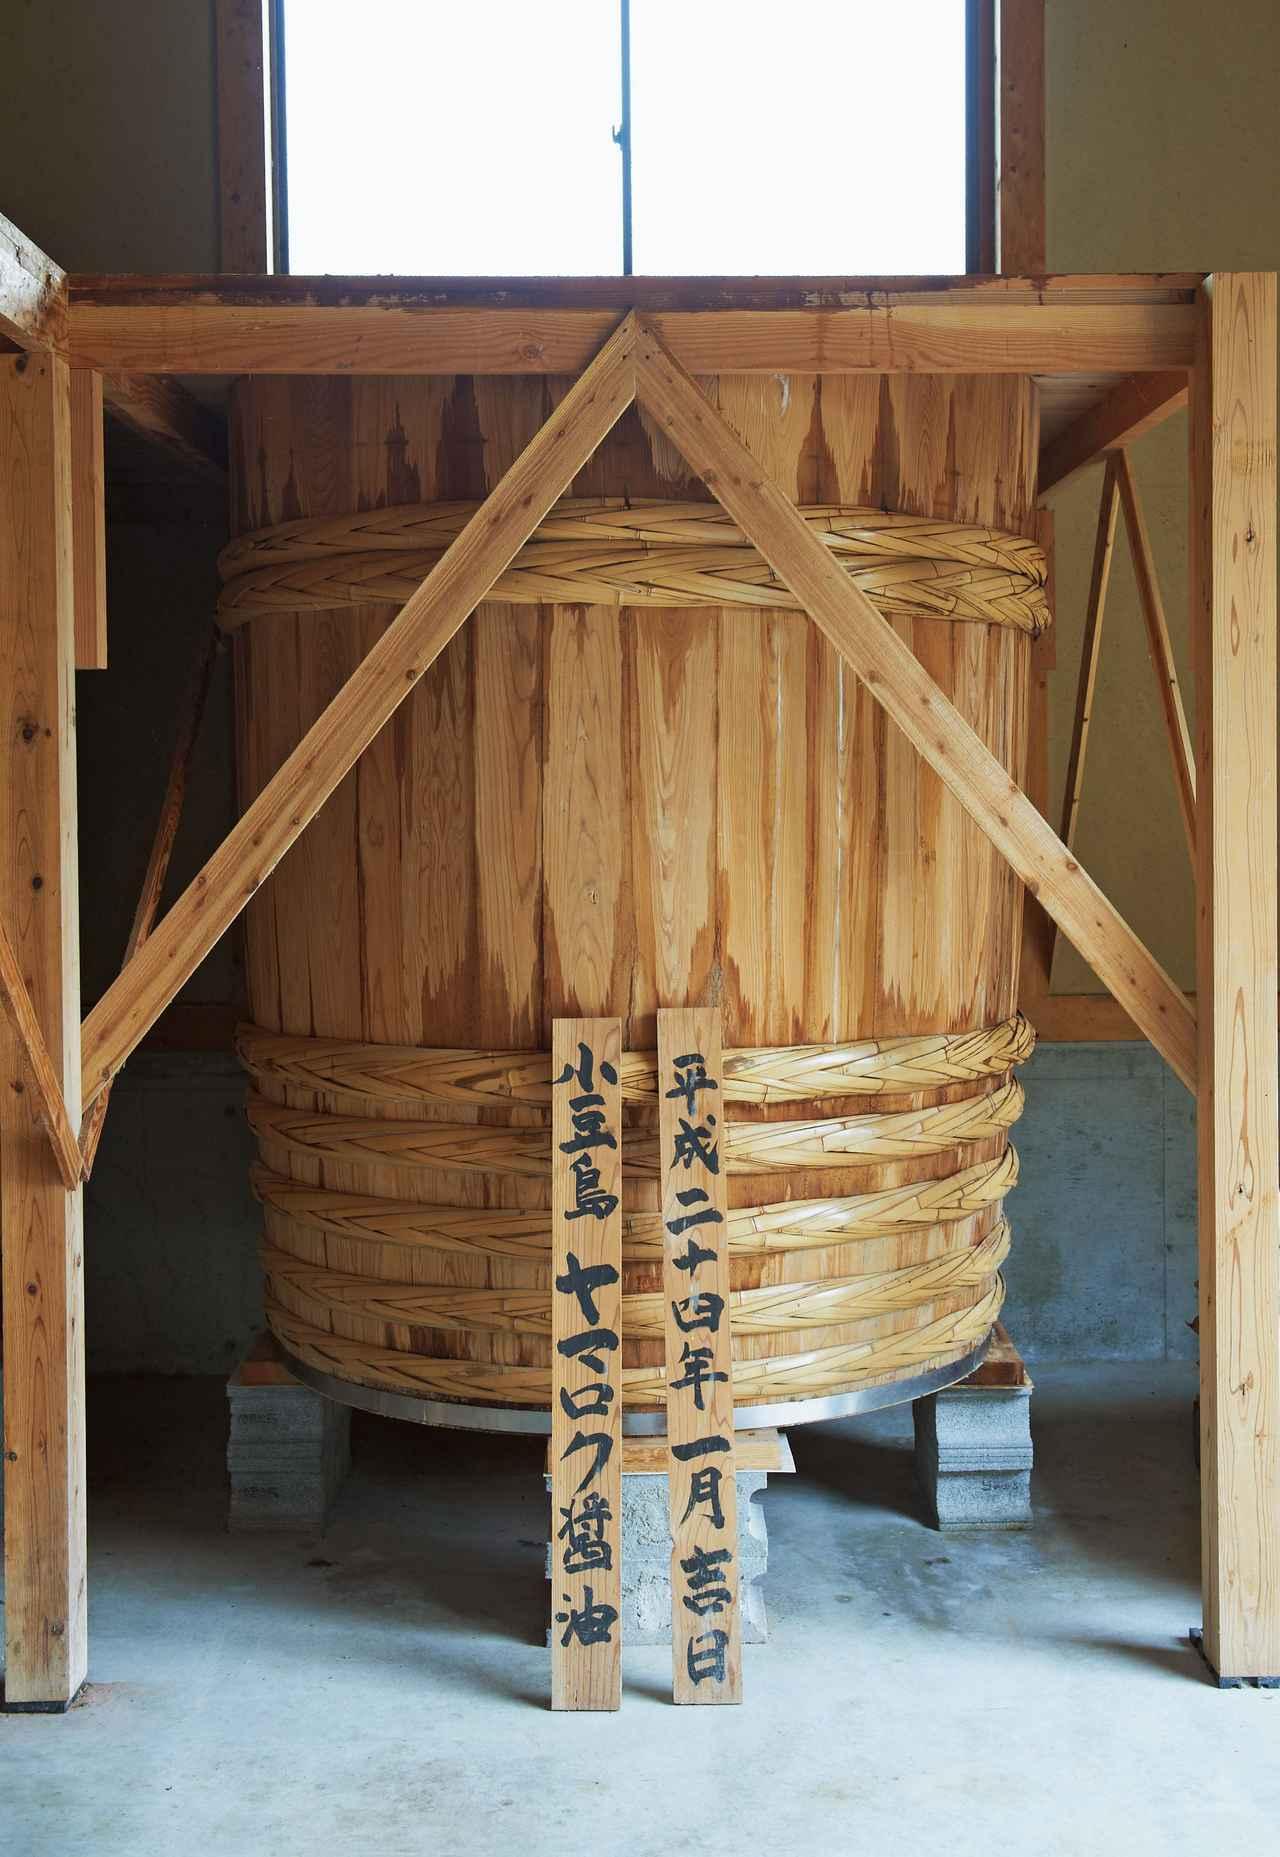 """画像: 新桶では、2013年の1月からもろみを仕込んでいる。2015年の秋ごろには""""新桶仕込みの濃口醤油""""として販売される予定"""